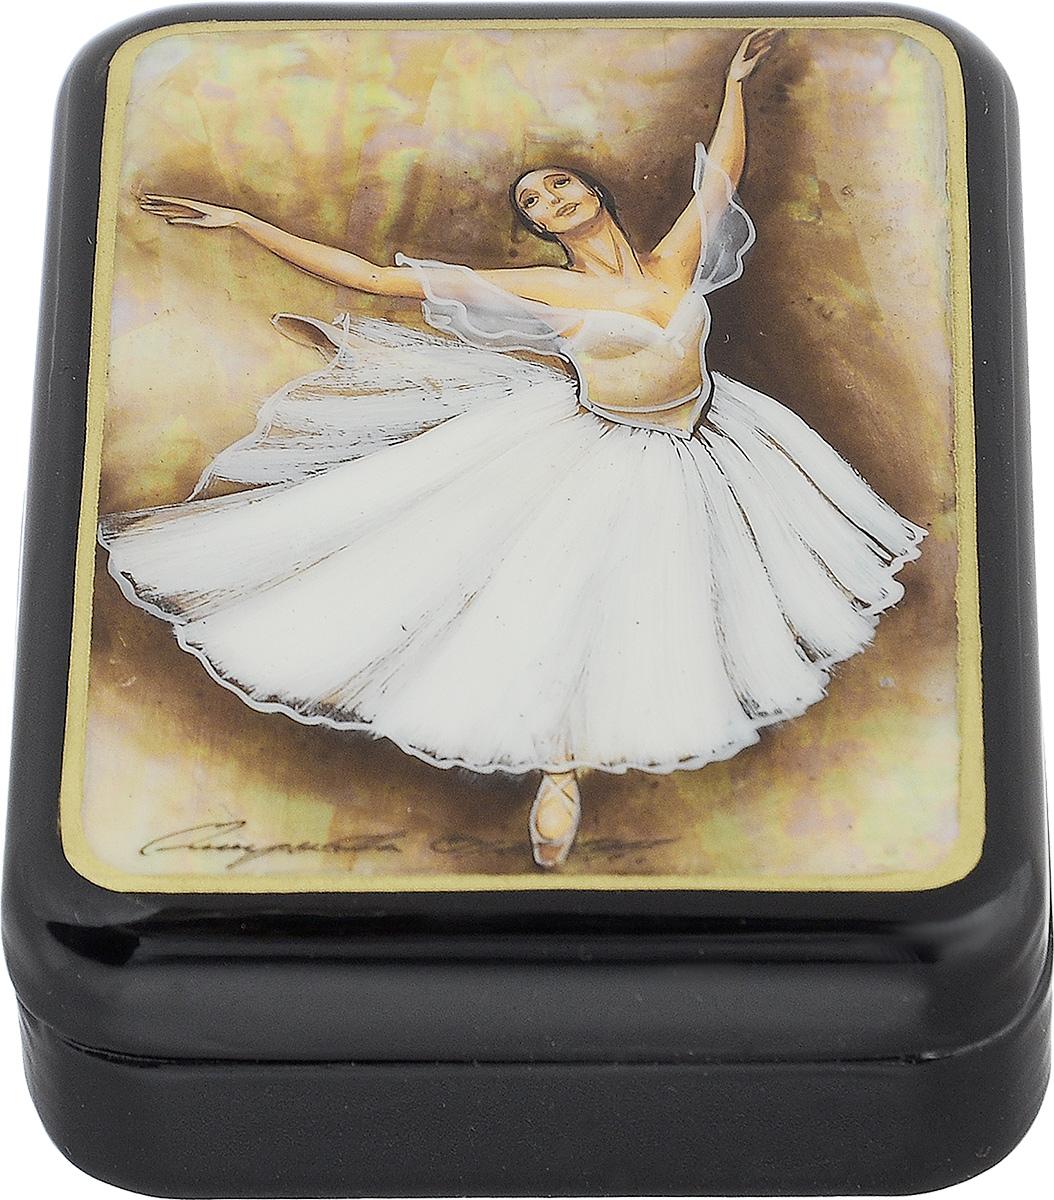 Шкатулка Балерина в прыжке, 9 см х 7 см. Ручная авторская работашкфс.та.бал2Лаковая миниатюрная шкатулка ручной работы Федоскино Балерина в прыжке выполнена в форме обтекаемого прямоугольника. Сюжет на крышке шкатулки - танец балерины. Это высококачественная роспись по перламутру, благодаря которому все изображение переливается светом в зависимости от освещения. Под изображением и на дне шкатулки имеется авторская подпись.Элегантная шкатулка ручной работы станет оригинальным и практичным украшением интерьера.